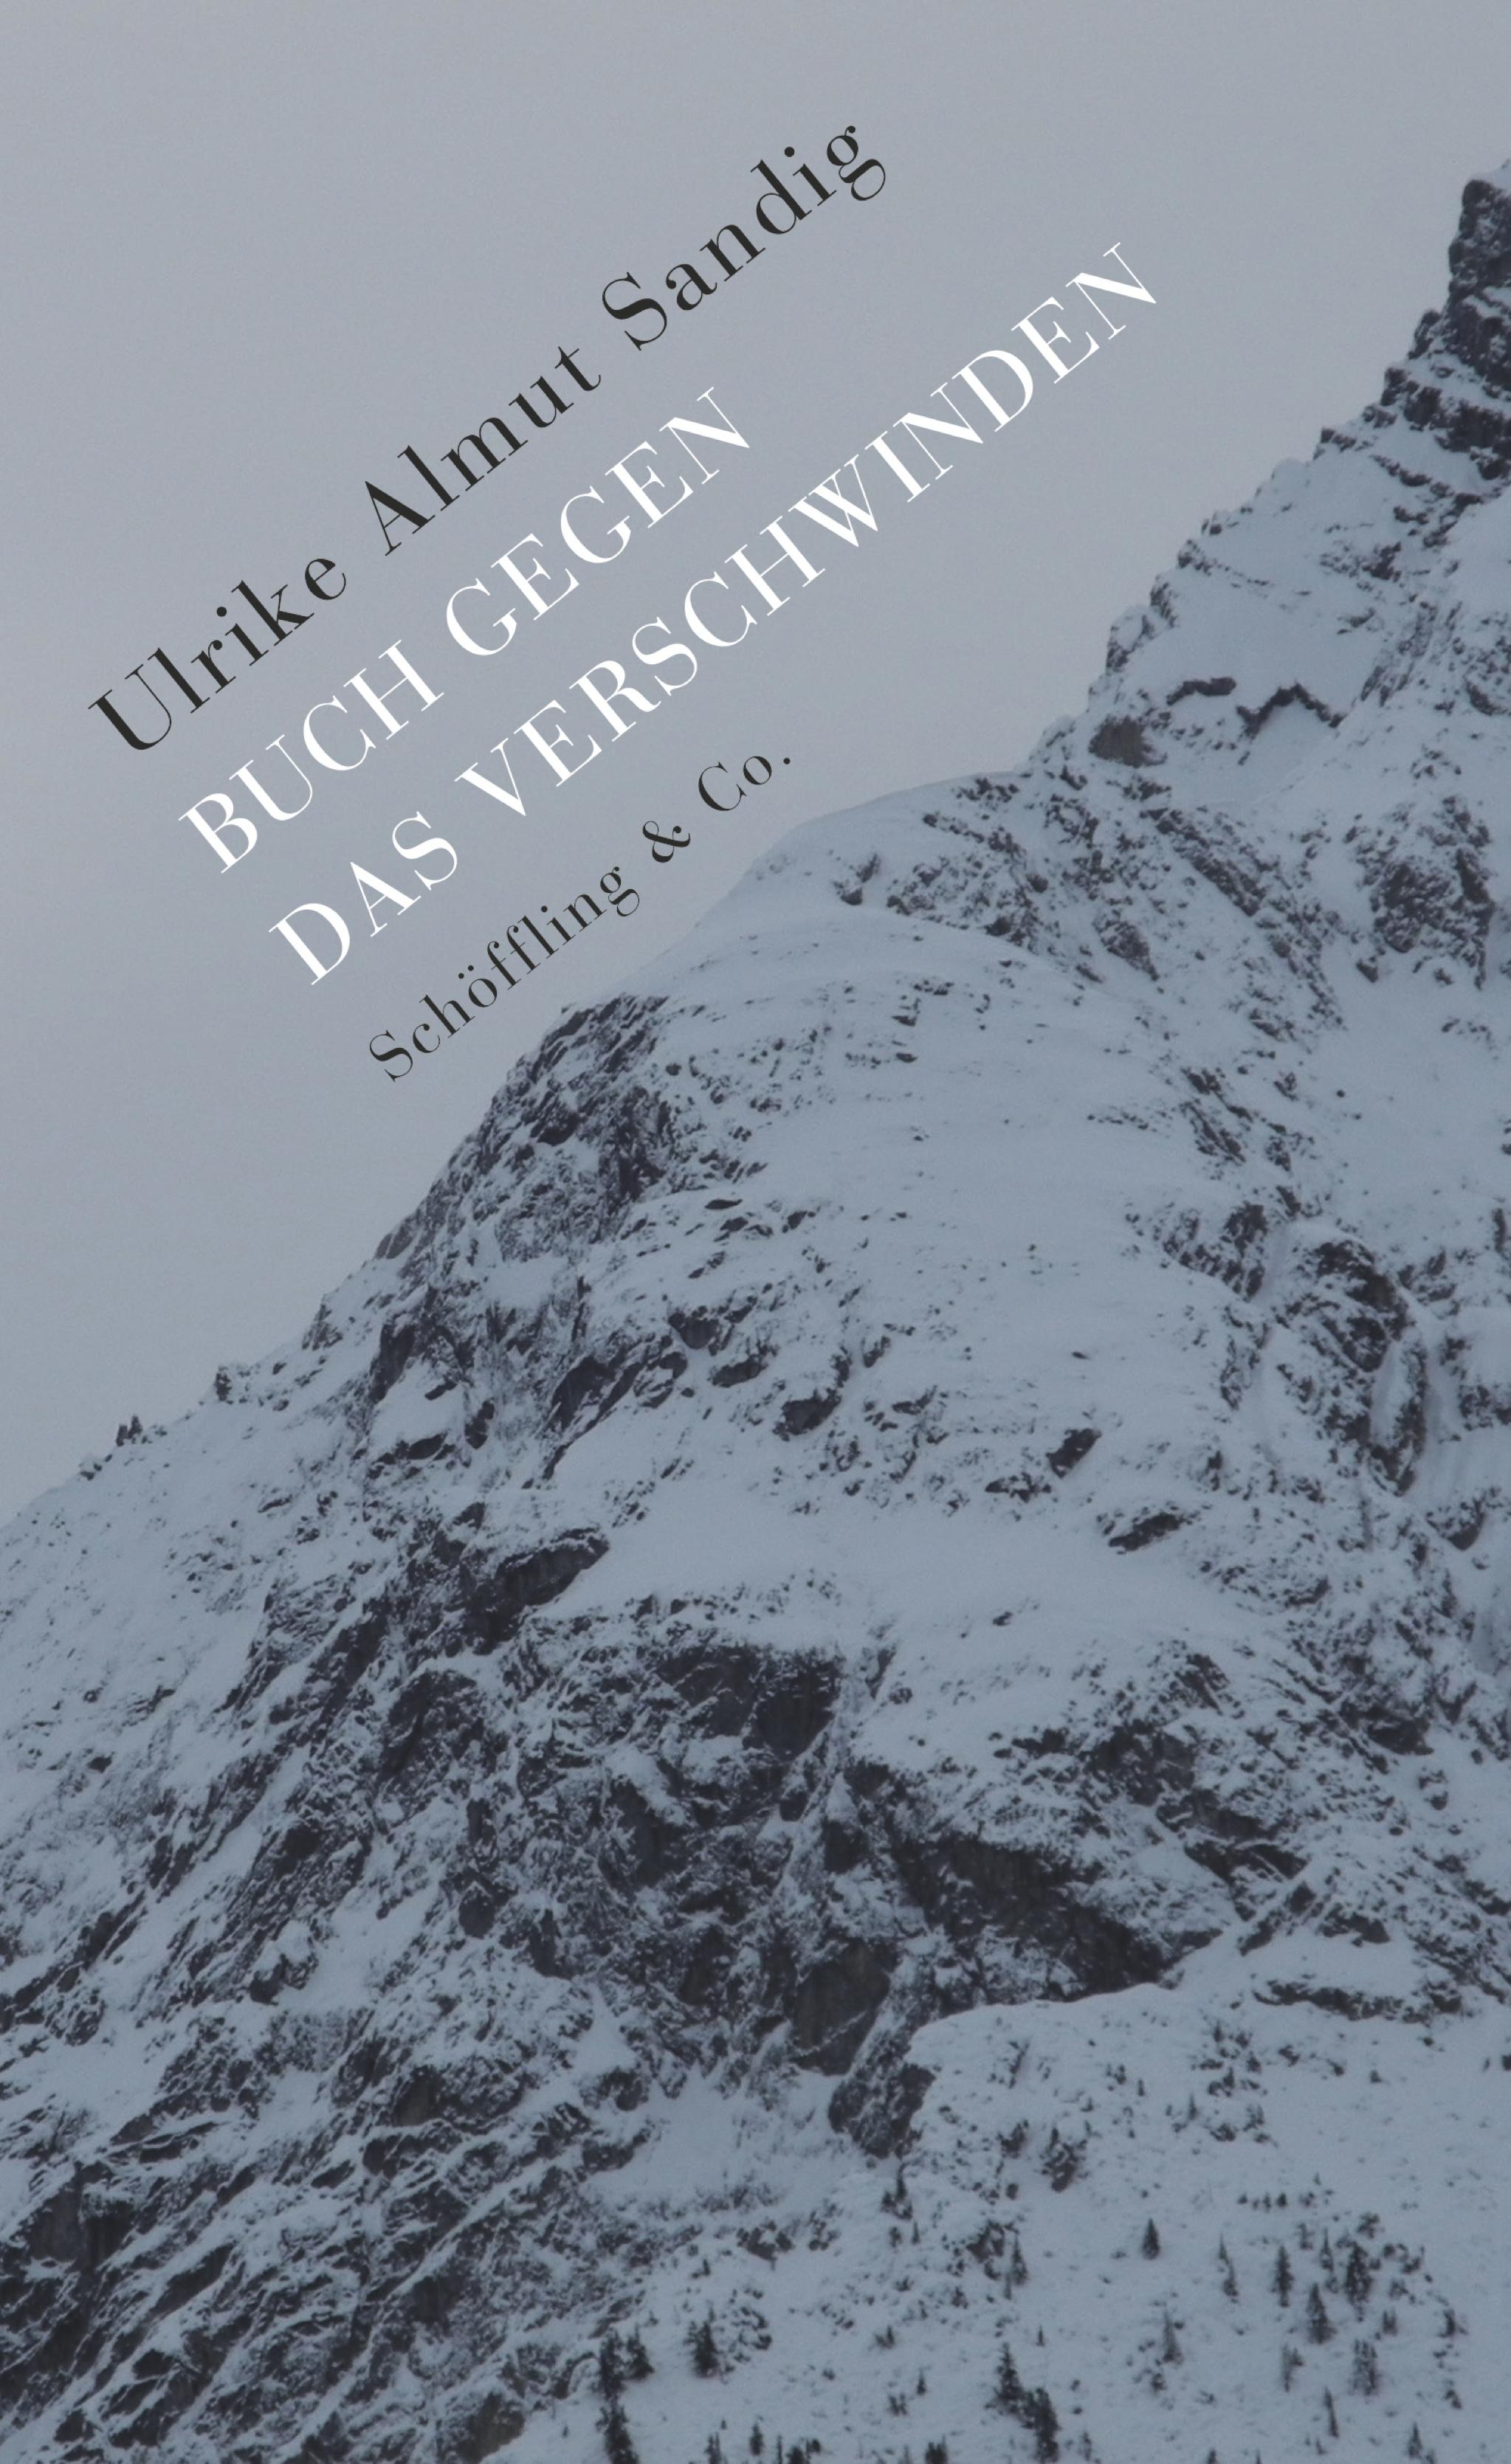 Buch gegen das Verschwinden Ulrike Almut Sandig 9783895611889